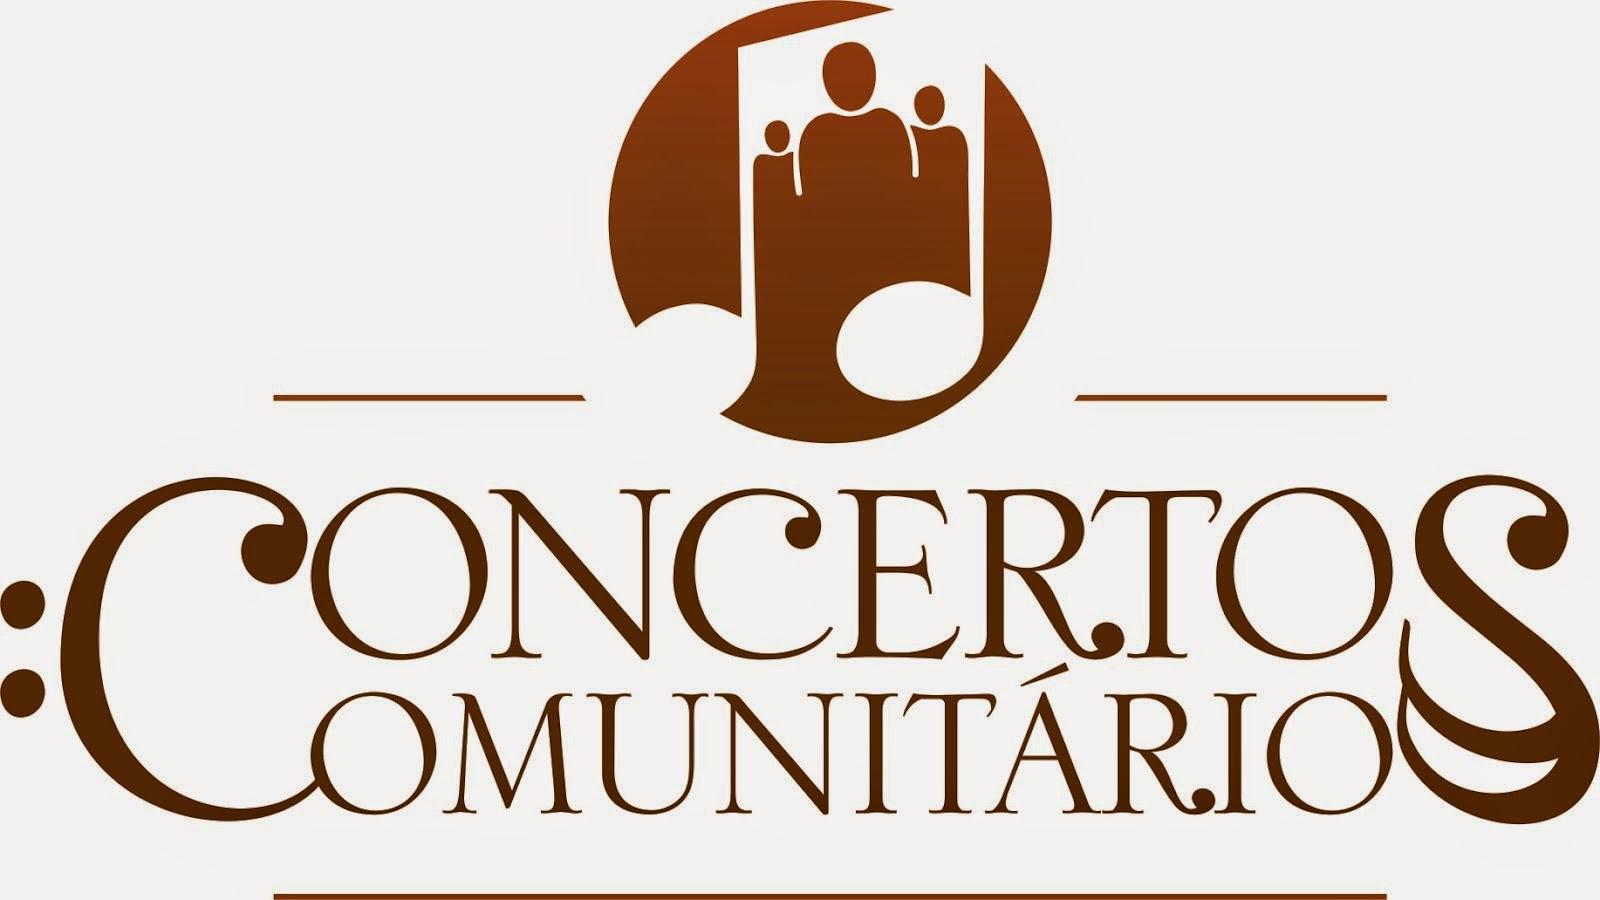 Concertos Comunitários